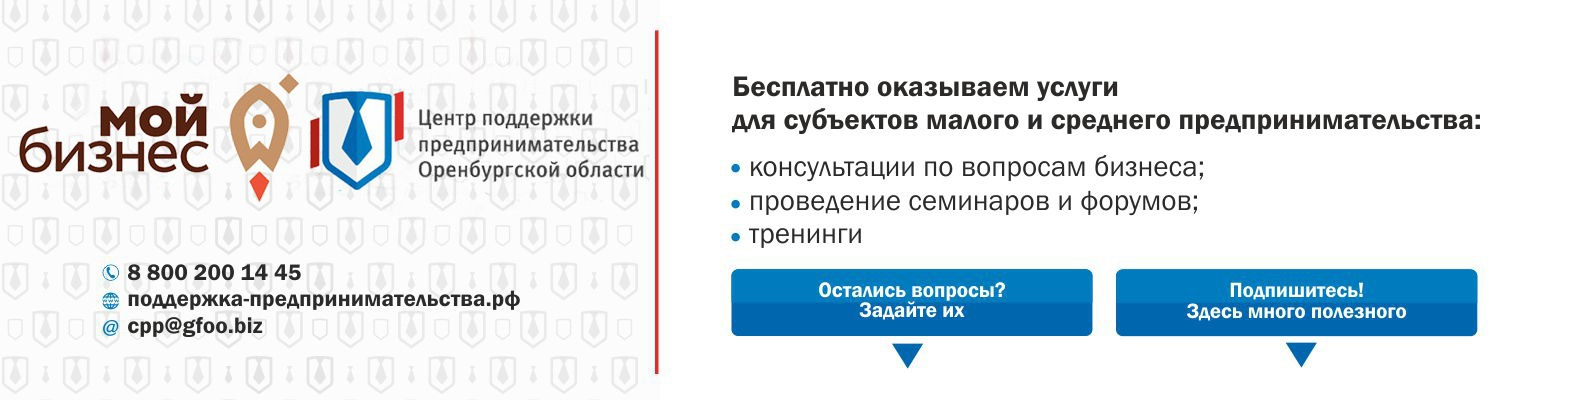 Регистрация ооо бесплатно в оренбурге форма декларации 3 ндфл для ип